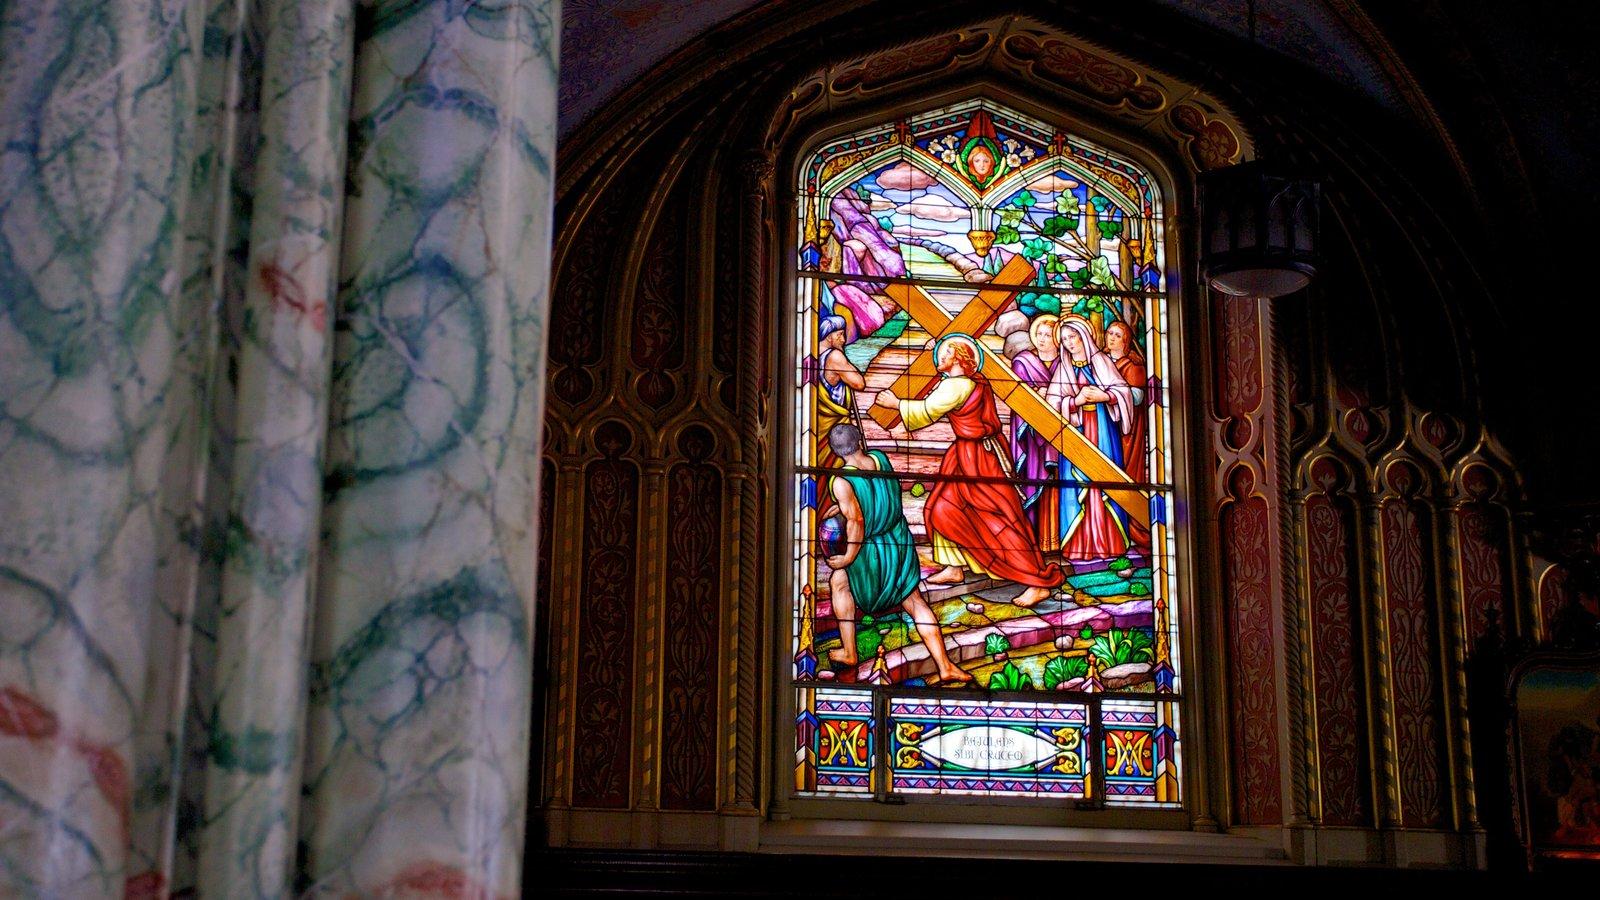 Notre-Dame Cathedral Basilica mostrando vistas internas, arquitetura de patrimônio e uma igreja ou catedral